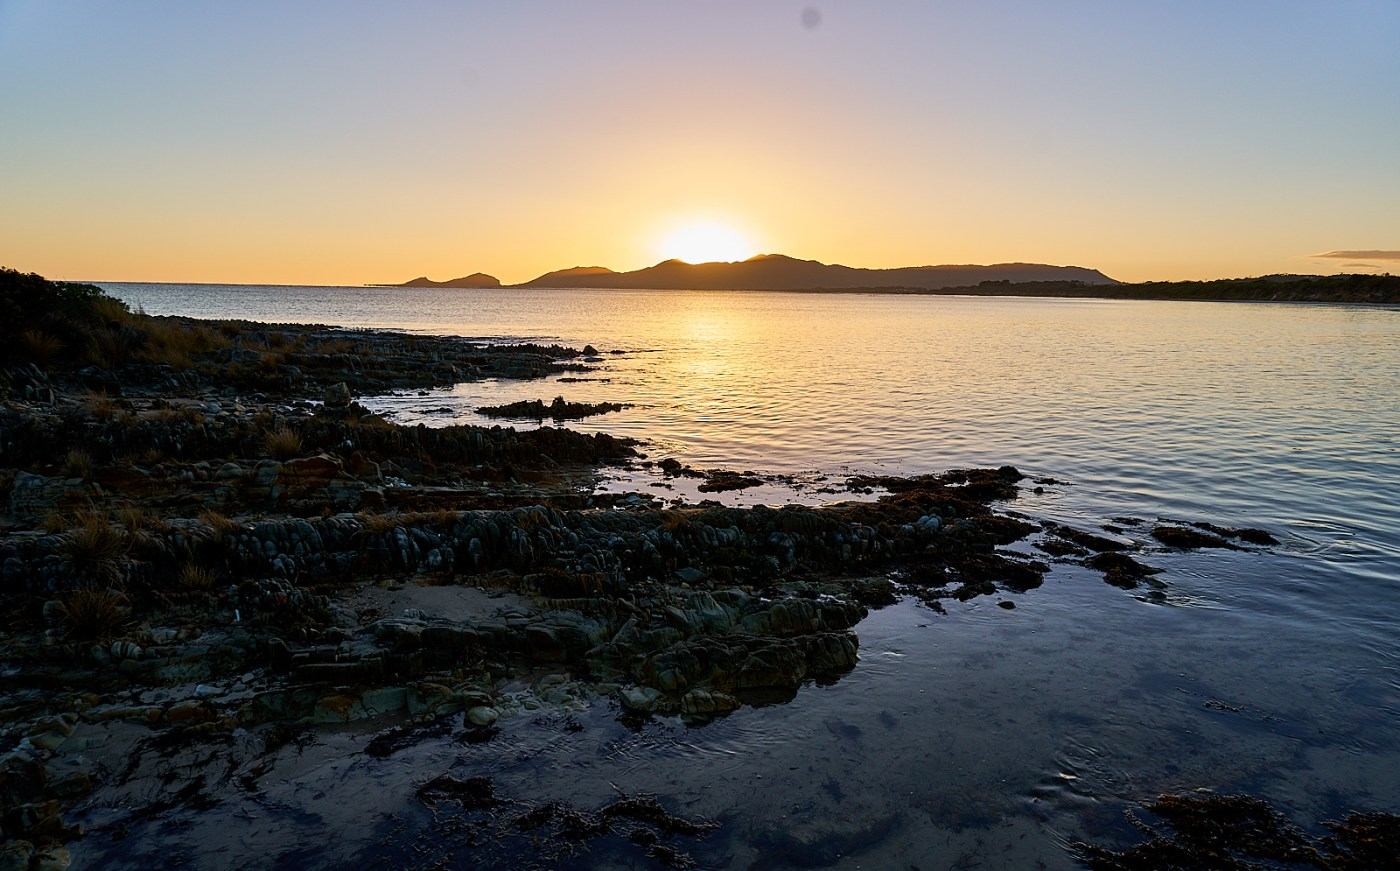 Sunrise Rocky Cape 2 - Caudrys Prospect